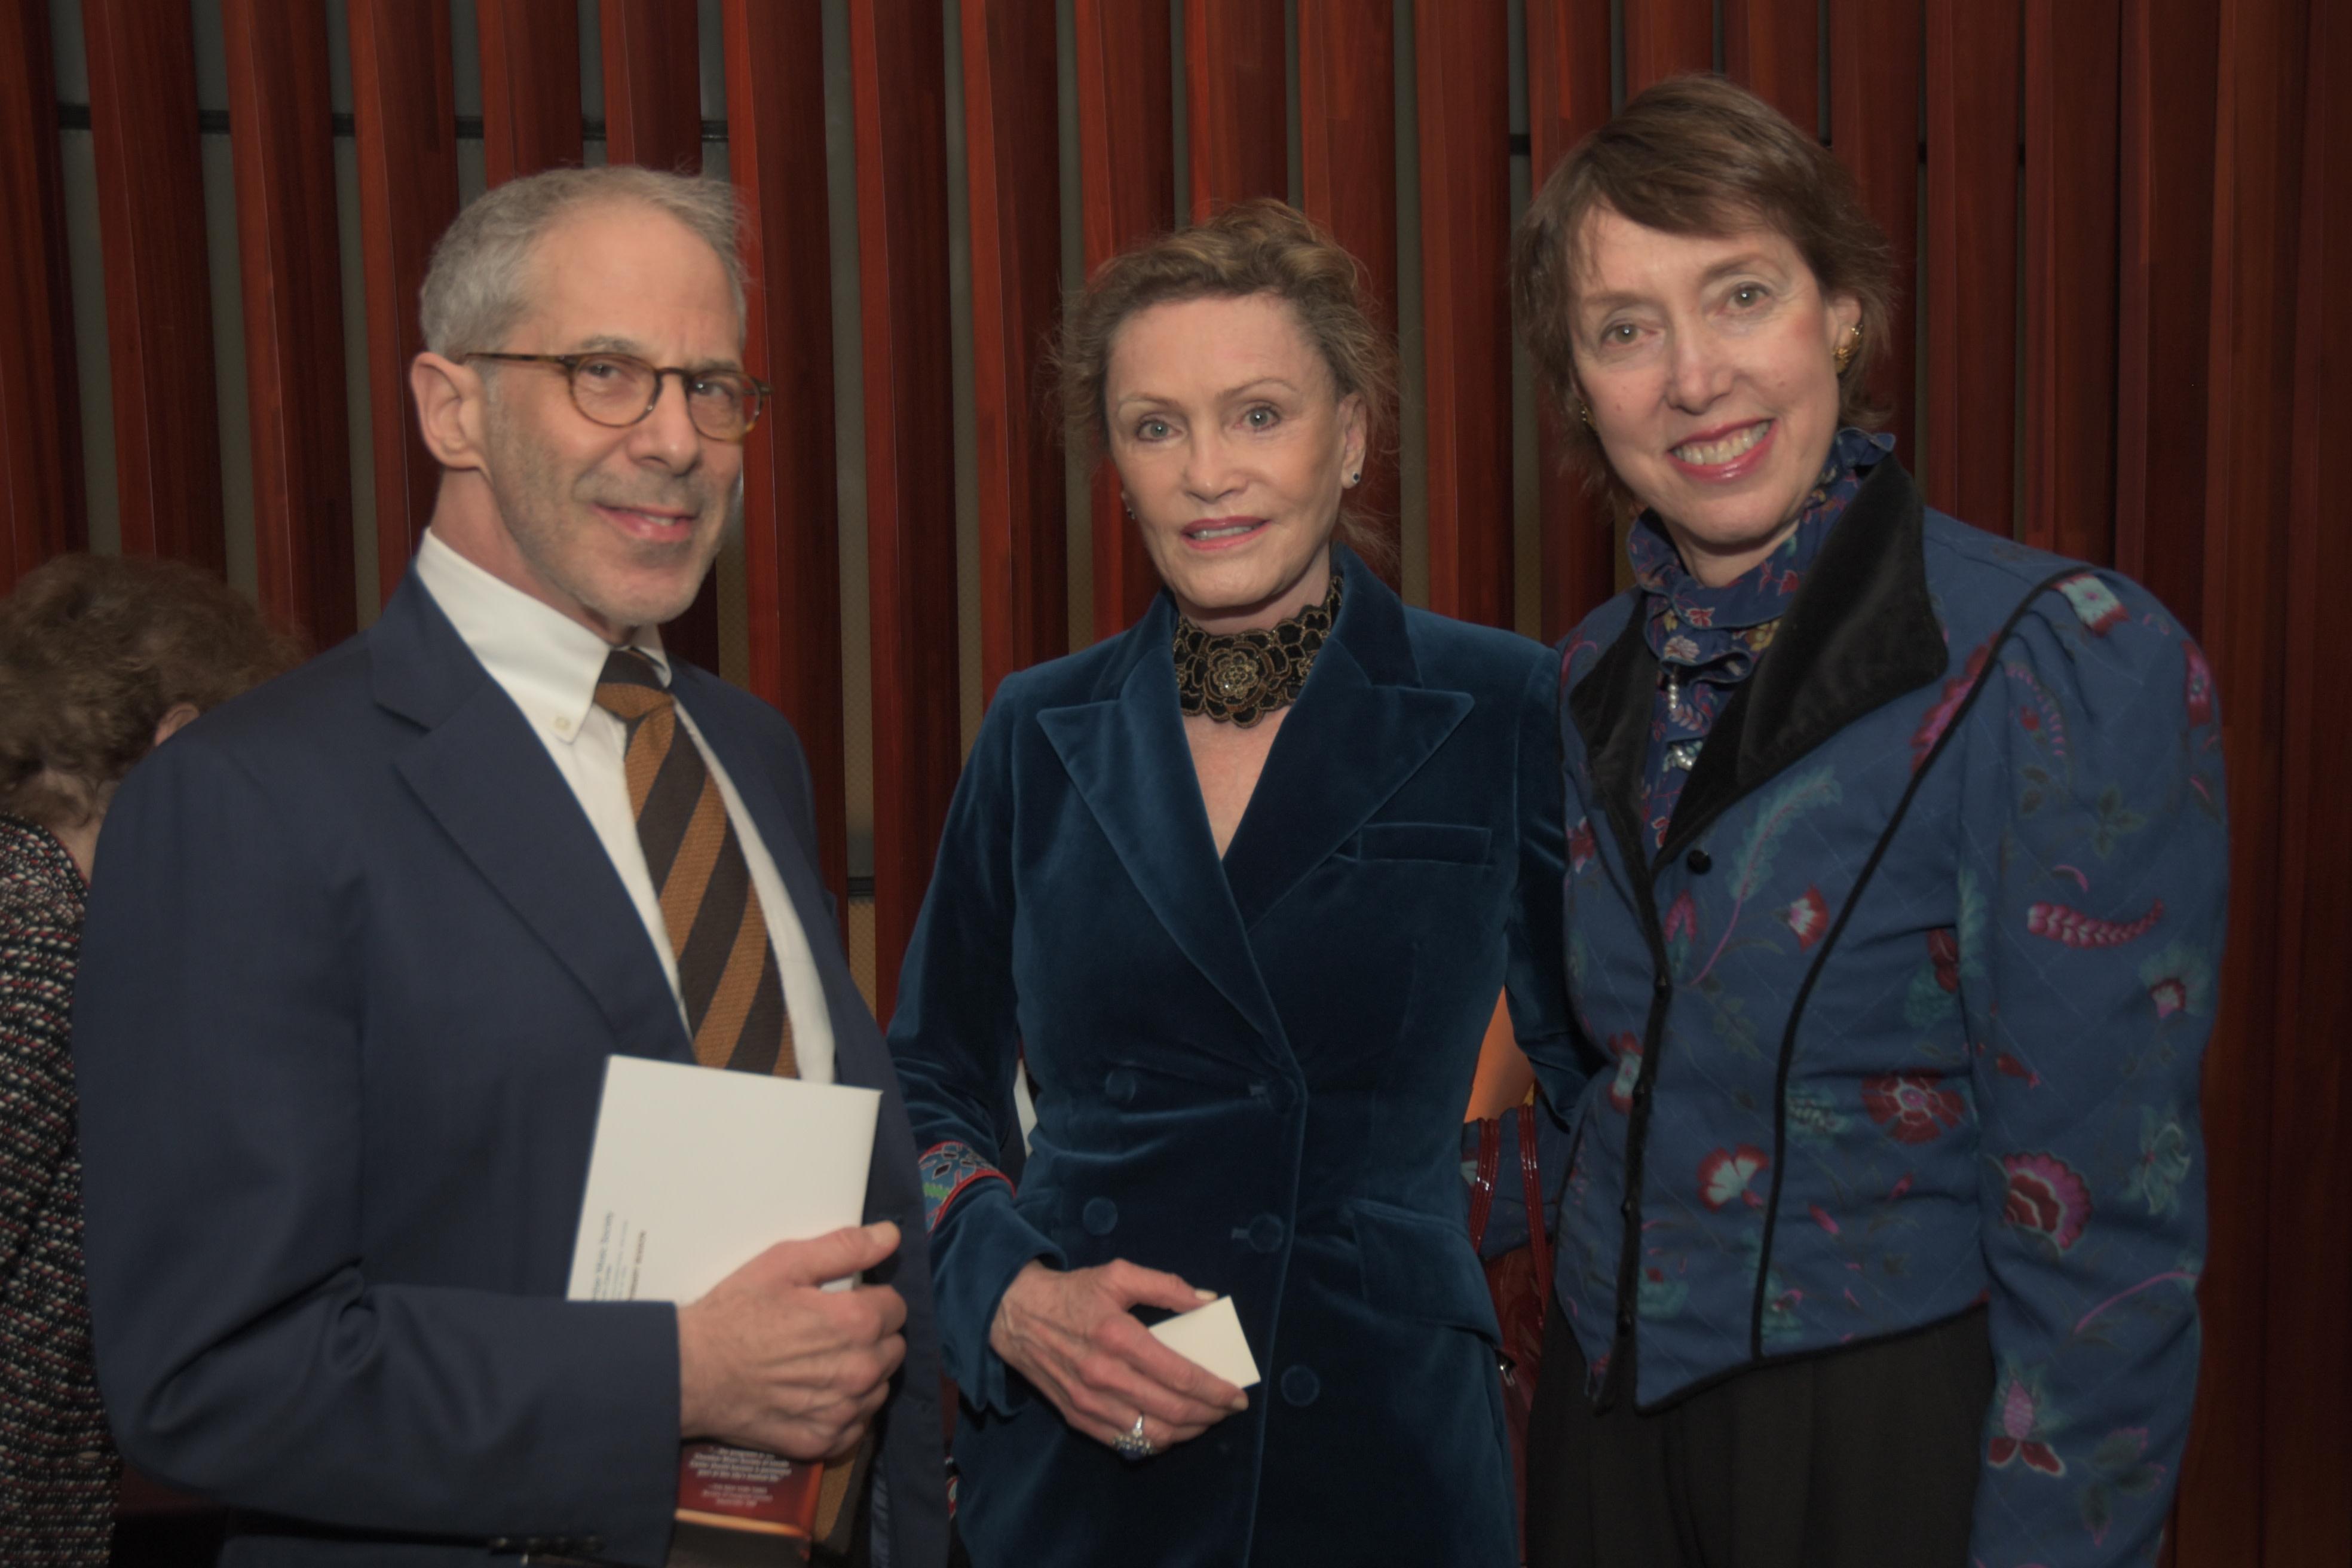 Charles Schreger, Judi Flom, Executive Director Suzanne Davidson